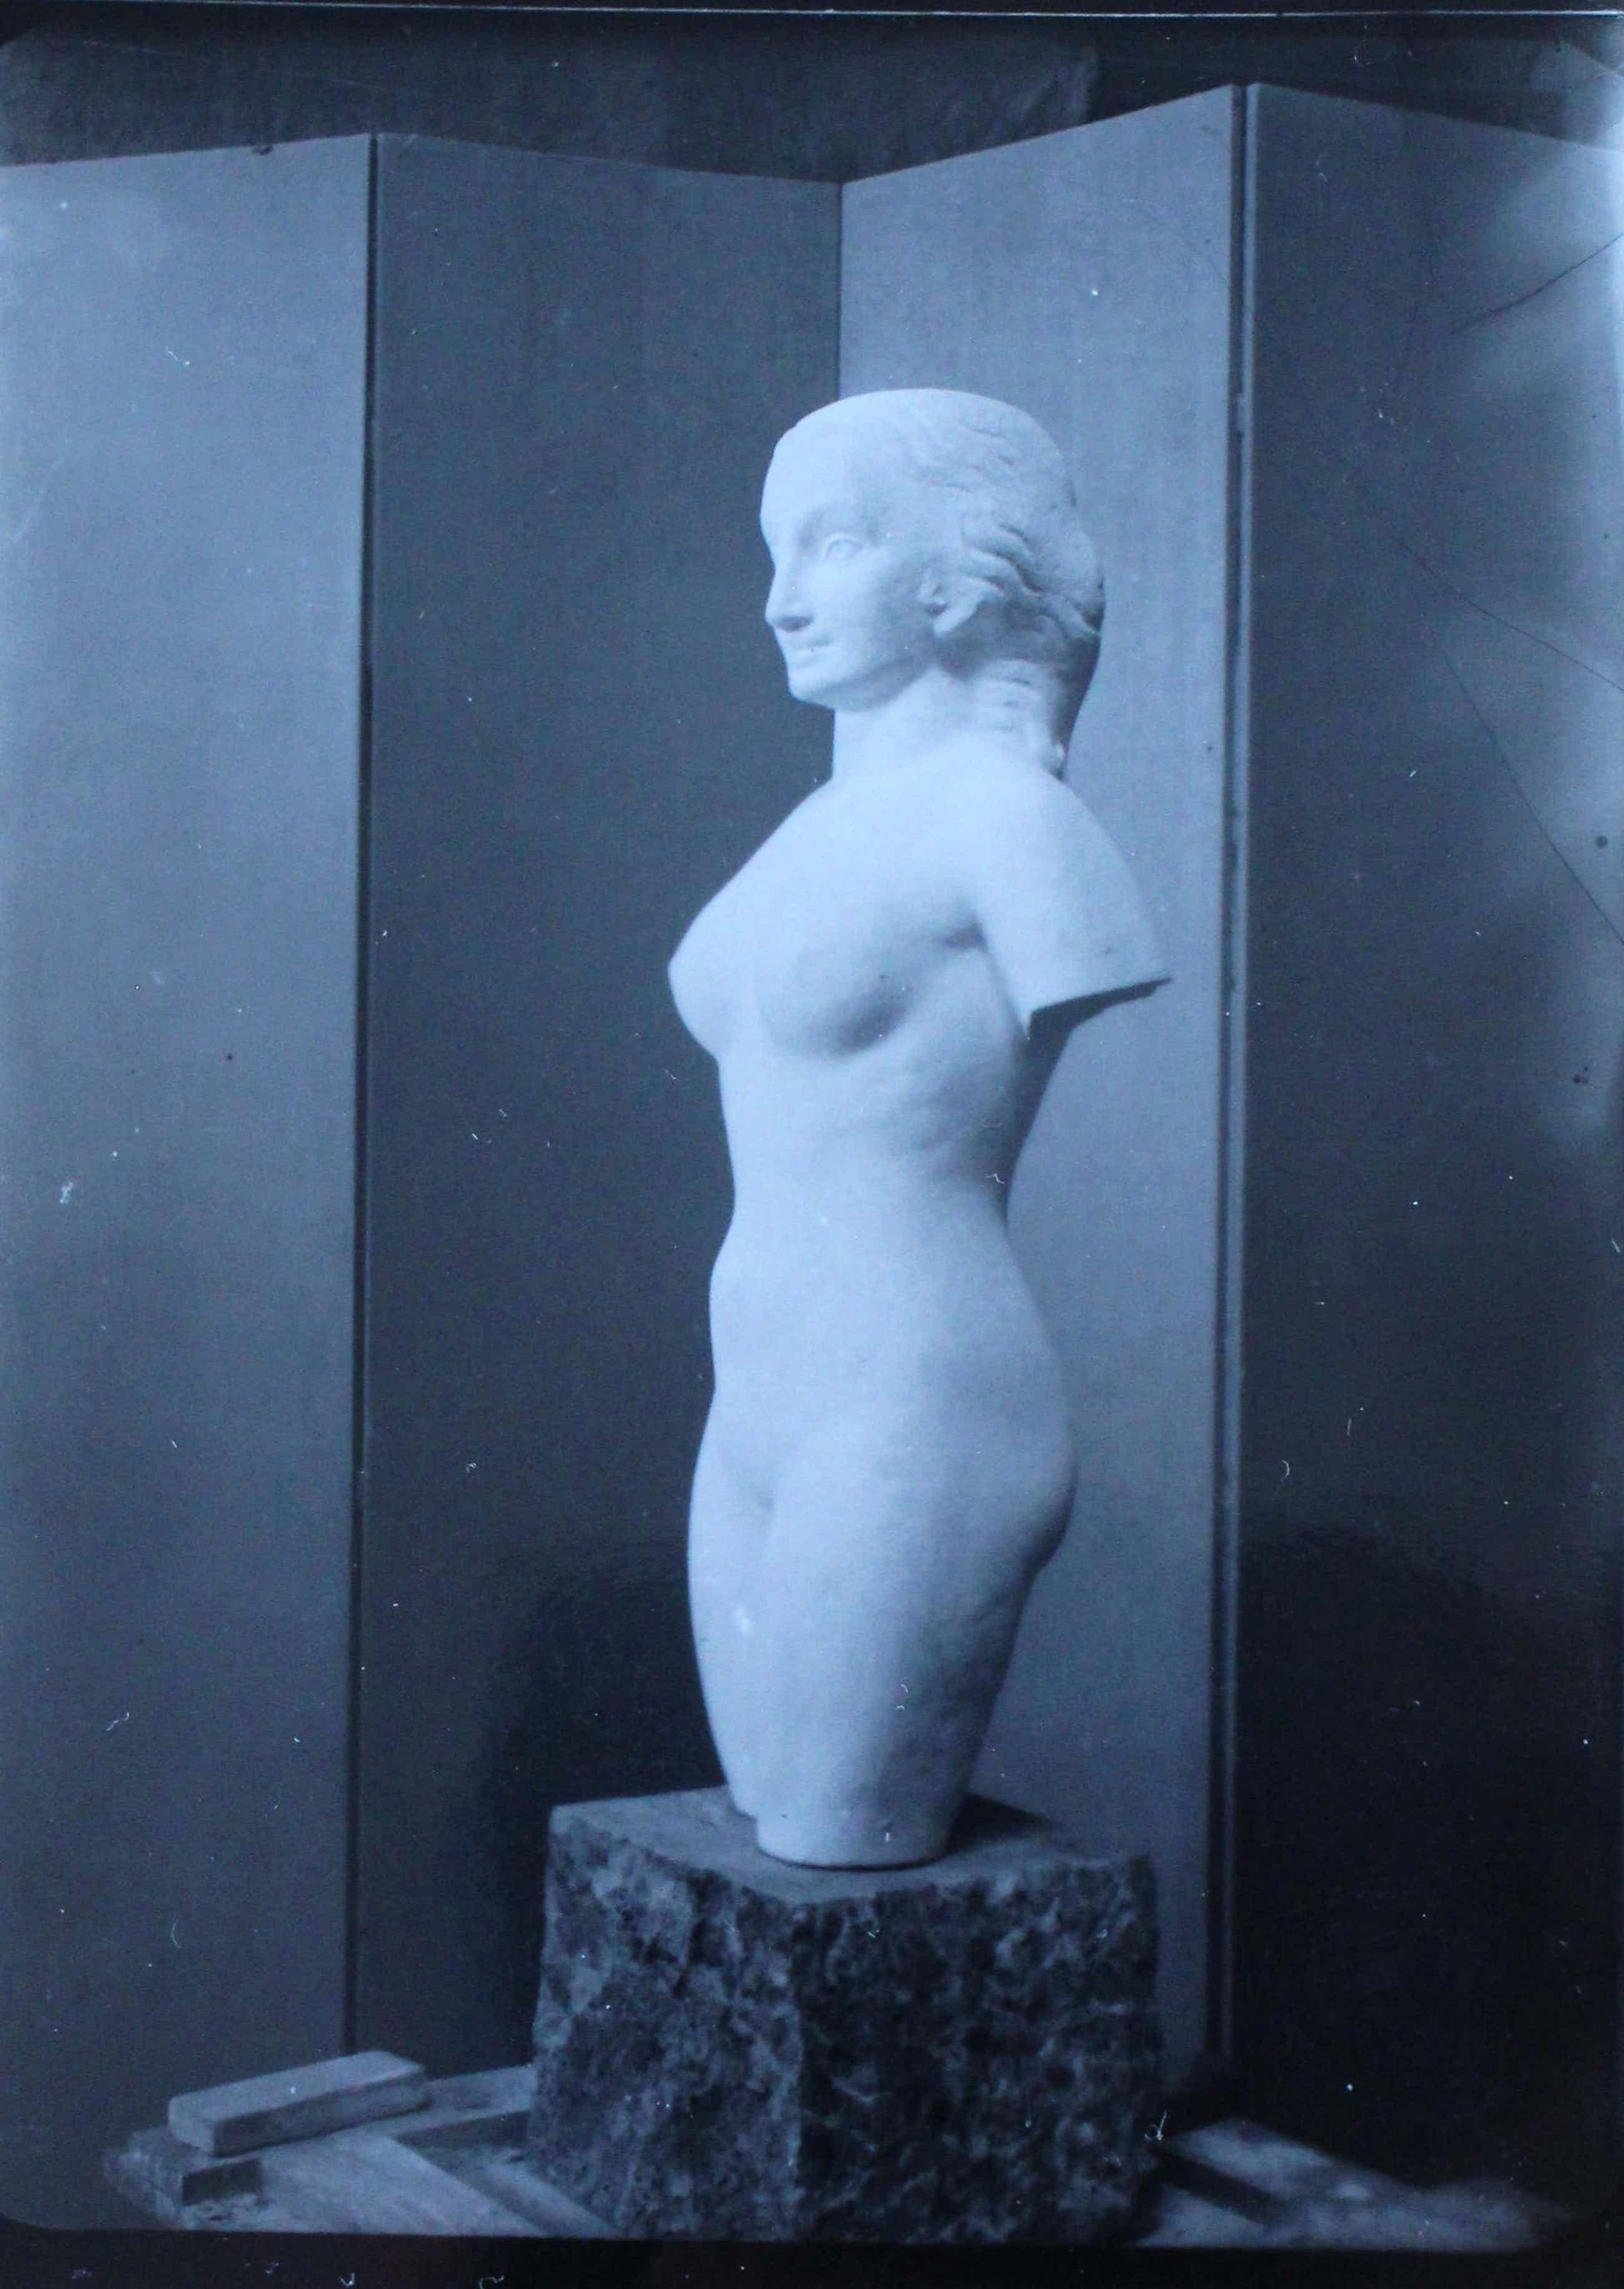 Eva Besnyo - Foto: beeld naakt (John Raedecker) - 1936 kopen? Bied vanaf 49!